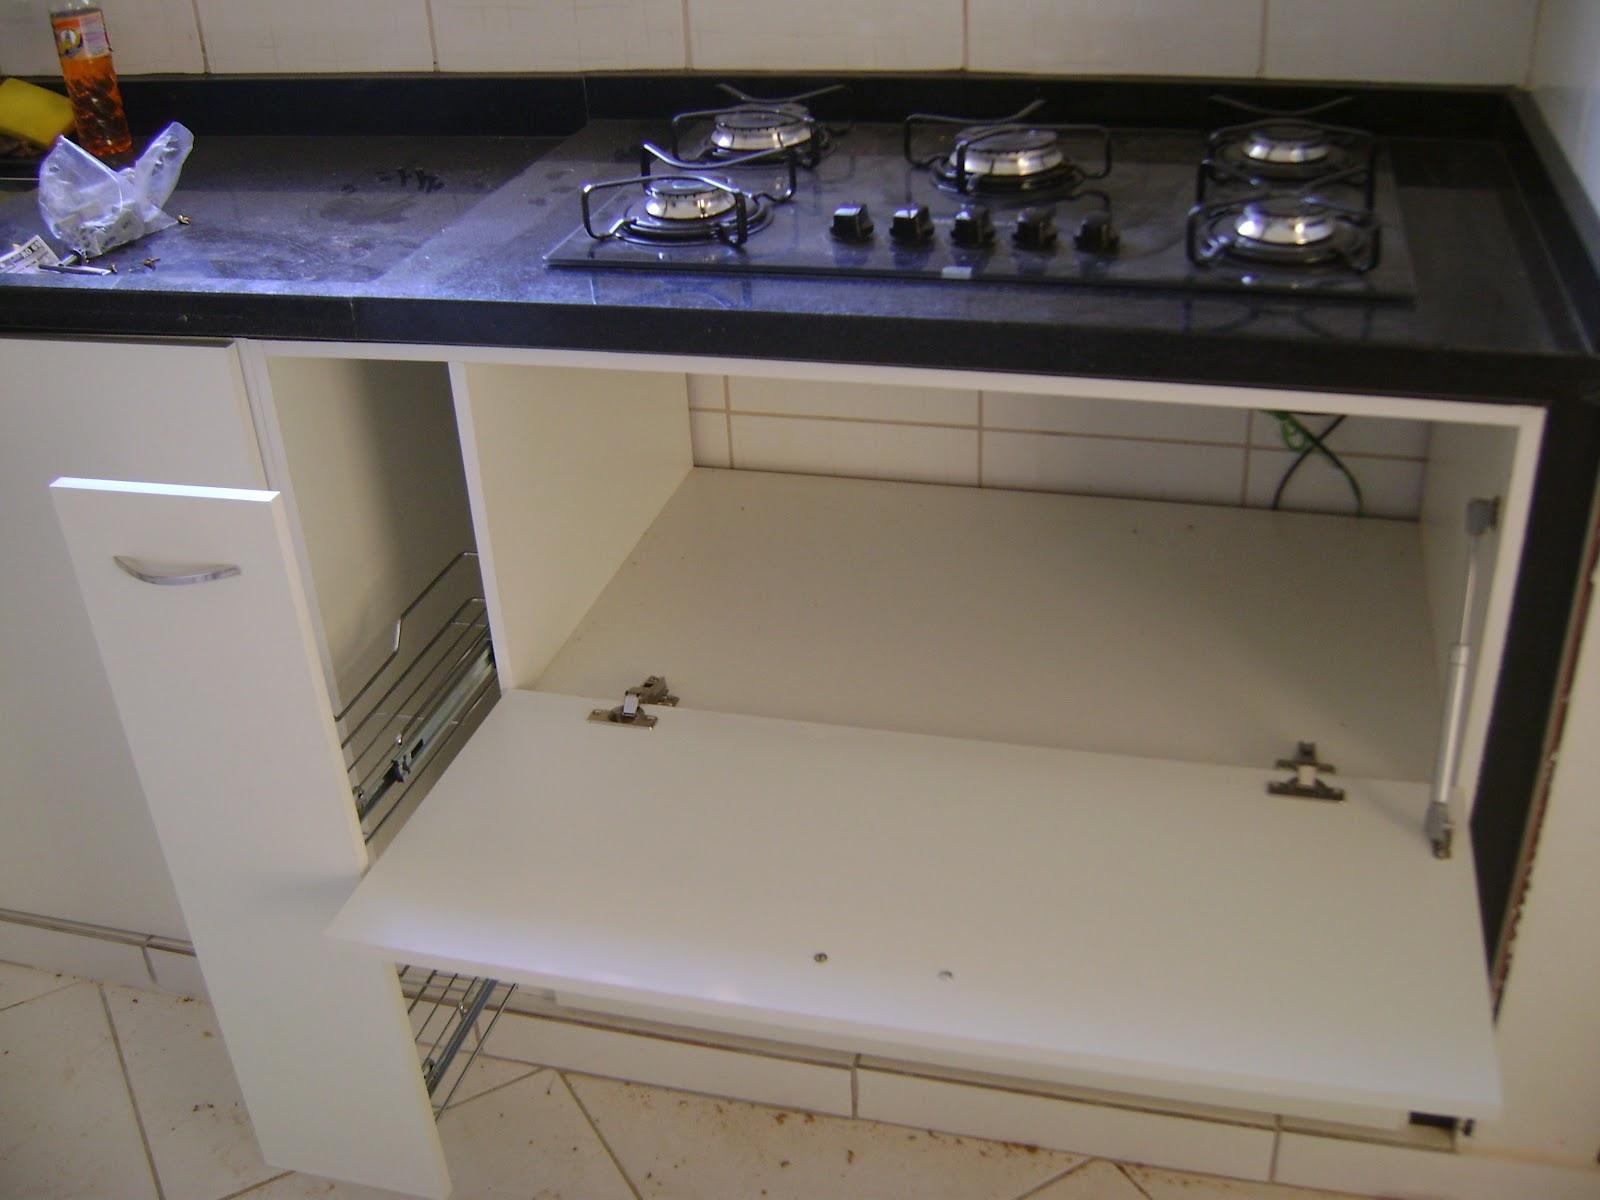 Planned marcenaria Gabinete de pia com cooktop #424989 1600 1200